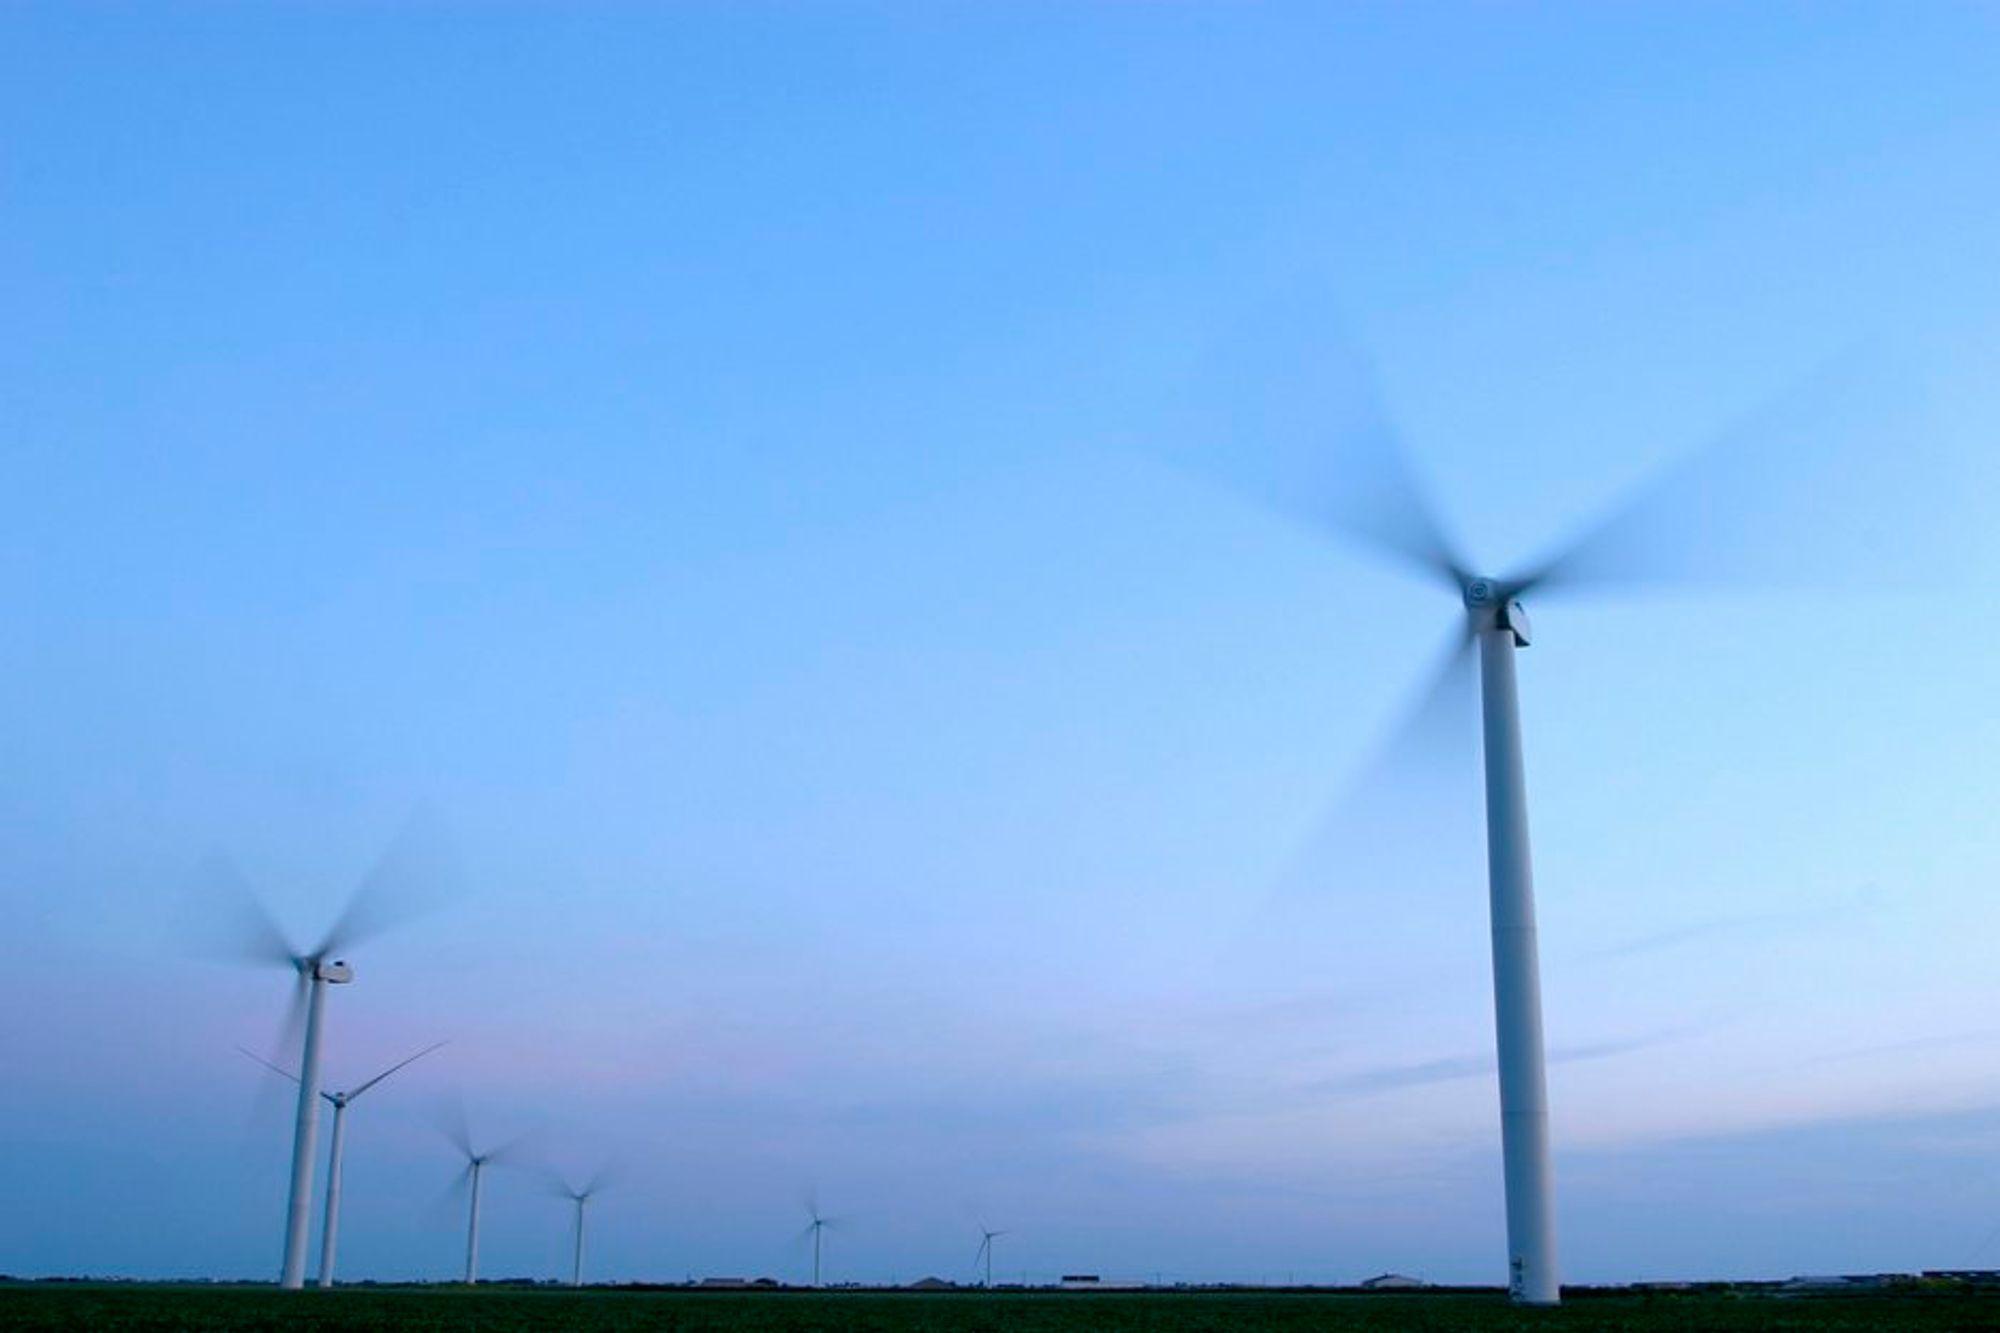 HISTORISK: For første gang måtte danske vindmøller stoppes. De produserte så mye elektrisitet at nettet nesten brøt sammen ved inngangen til 2007.